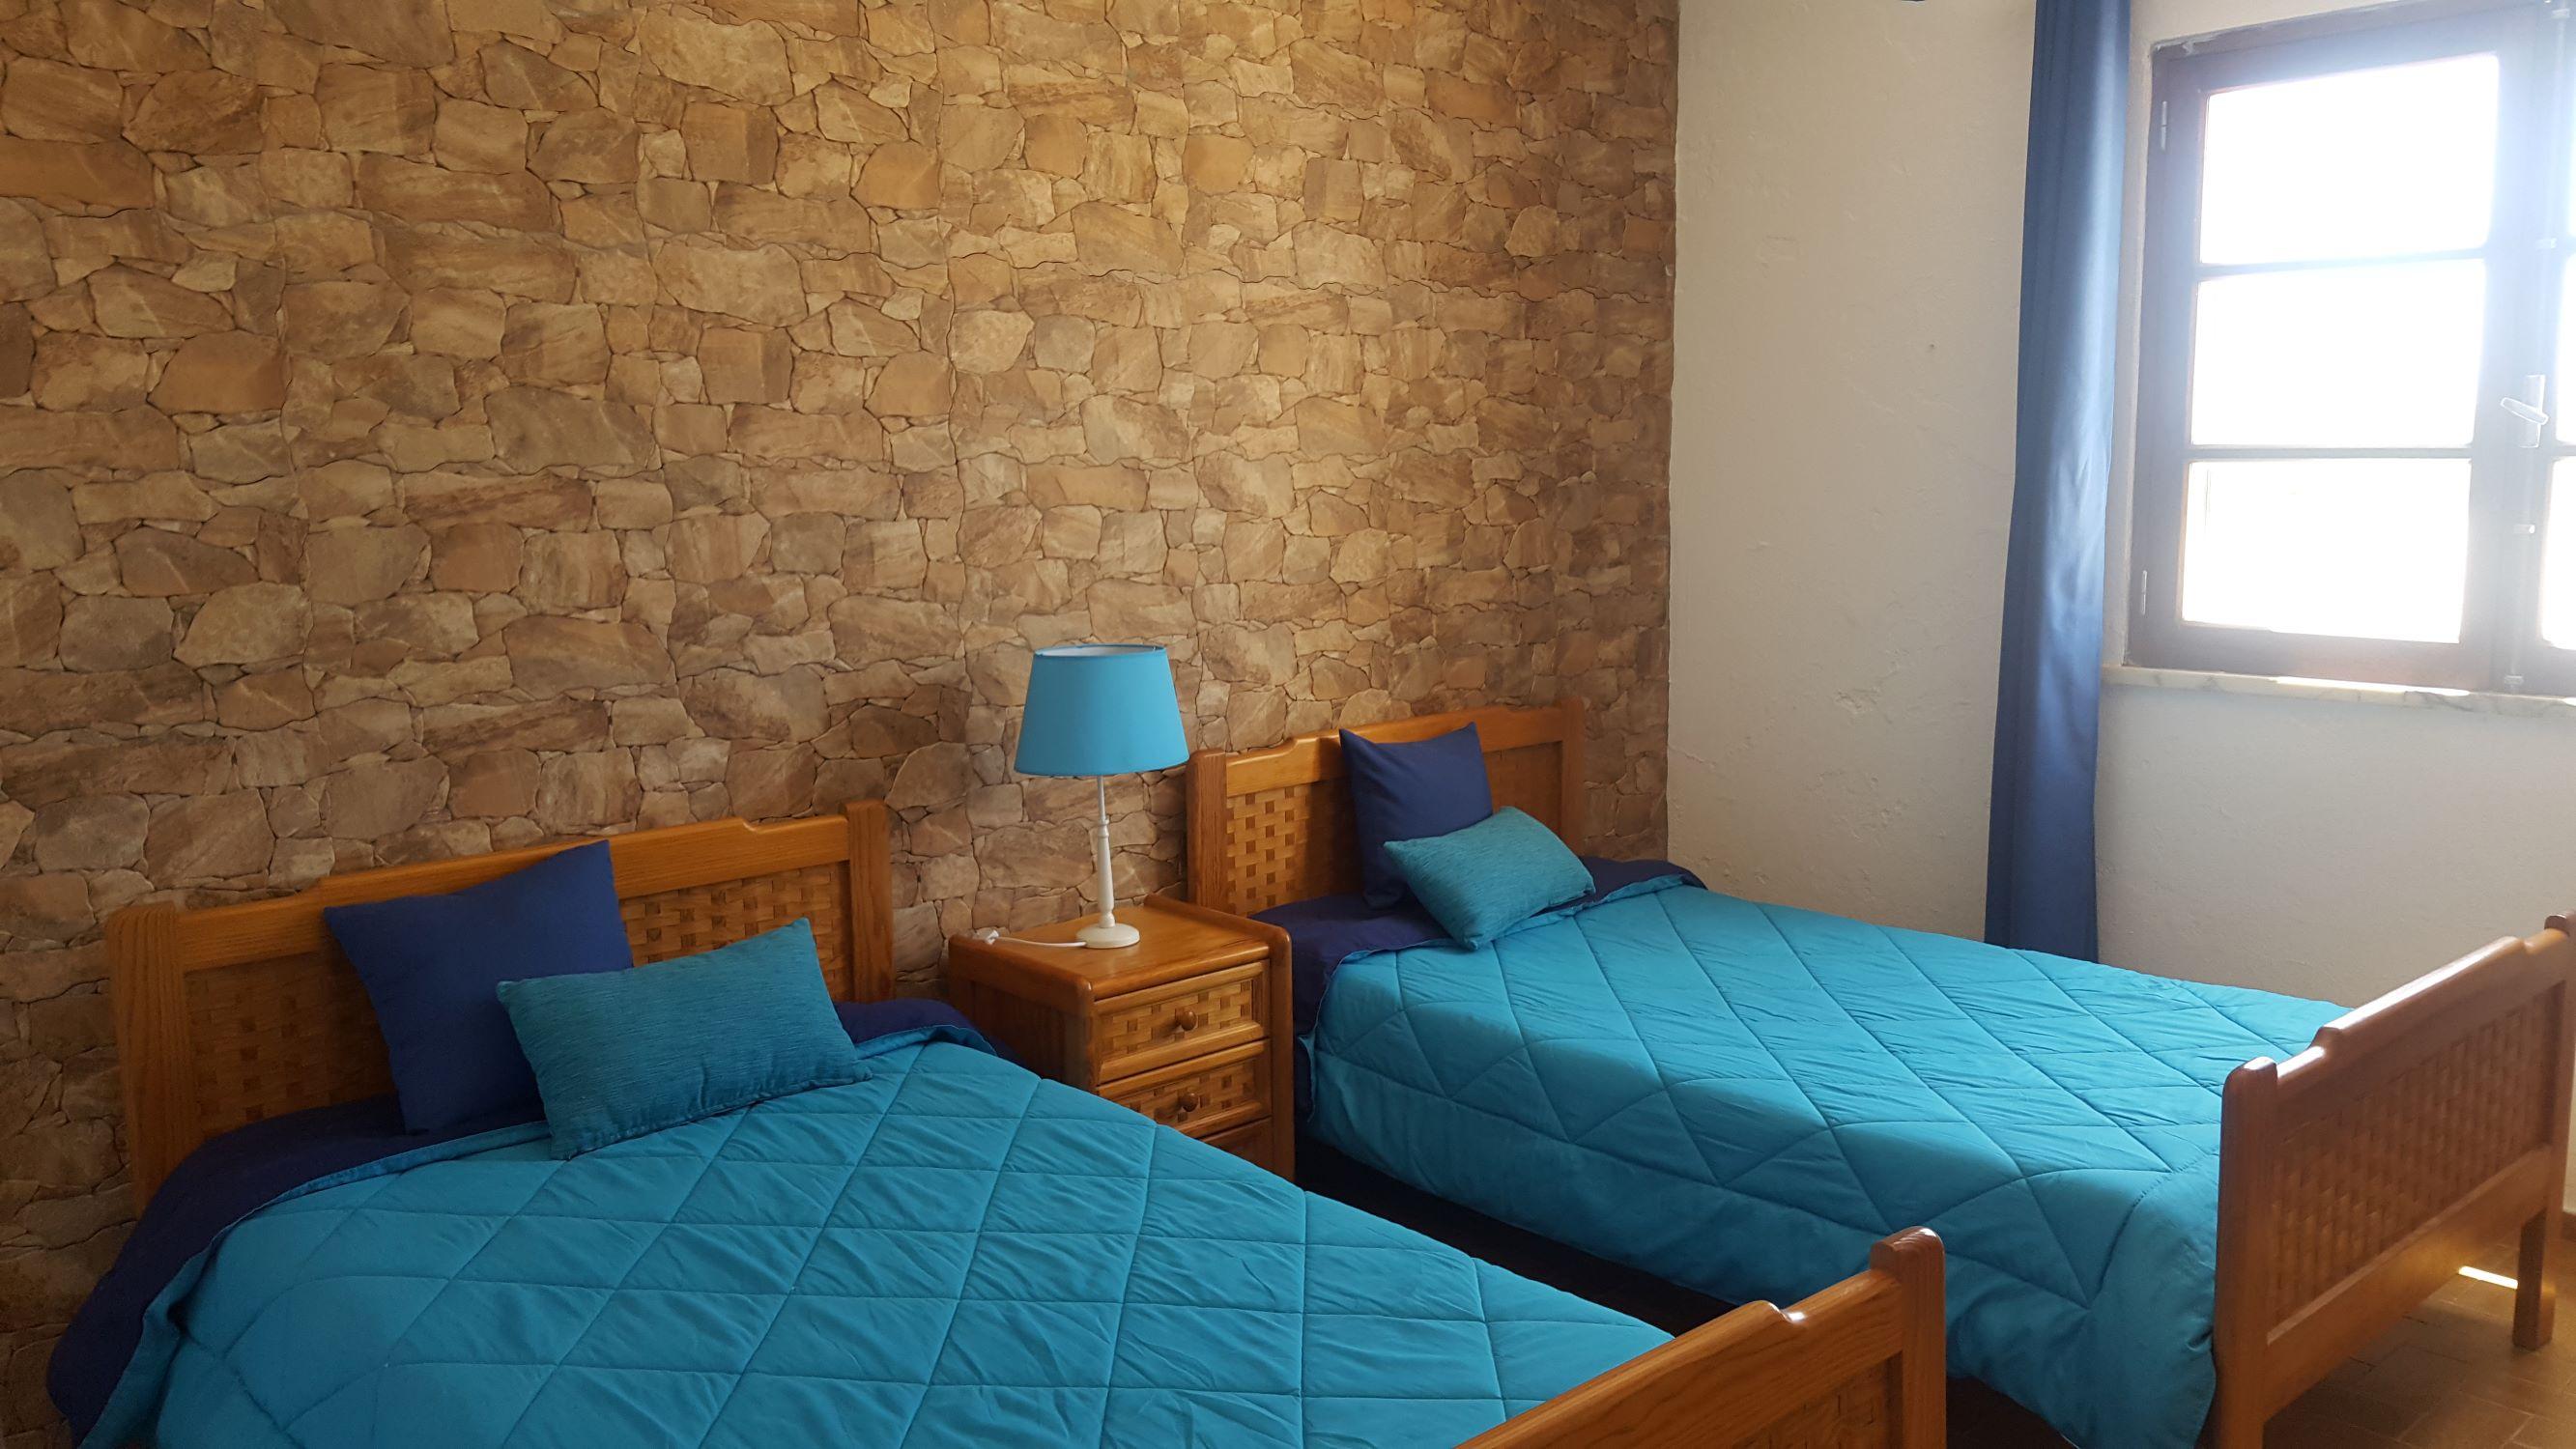 Location appartements et villas de vacance, Vivenda com piscina em Silves à Silves, Portugal Algarve, REF_IMG_8068_8086